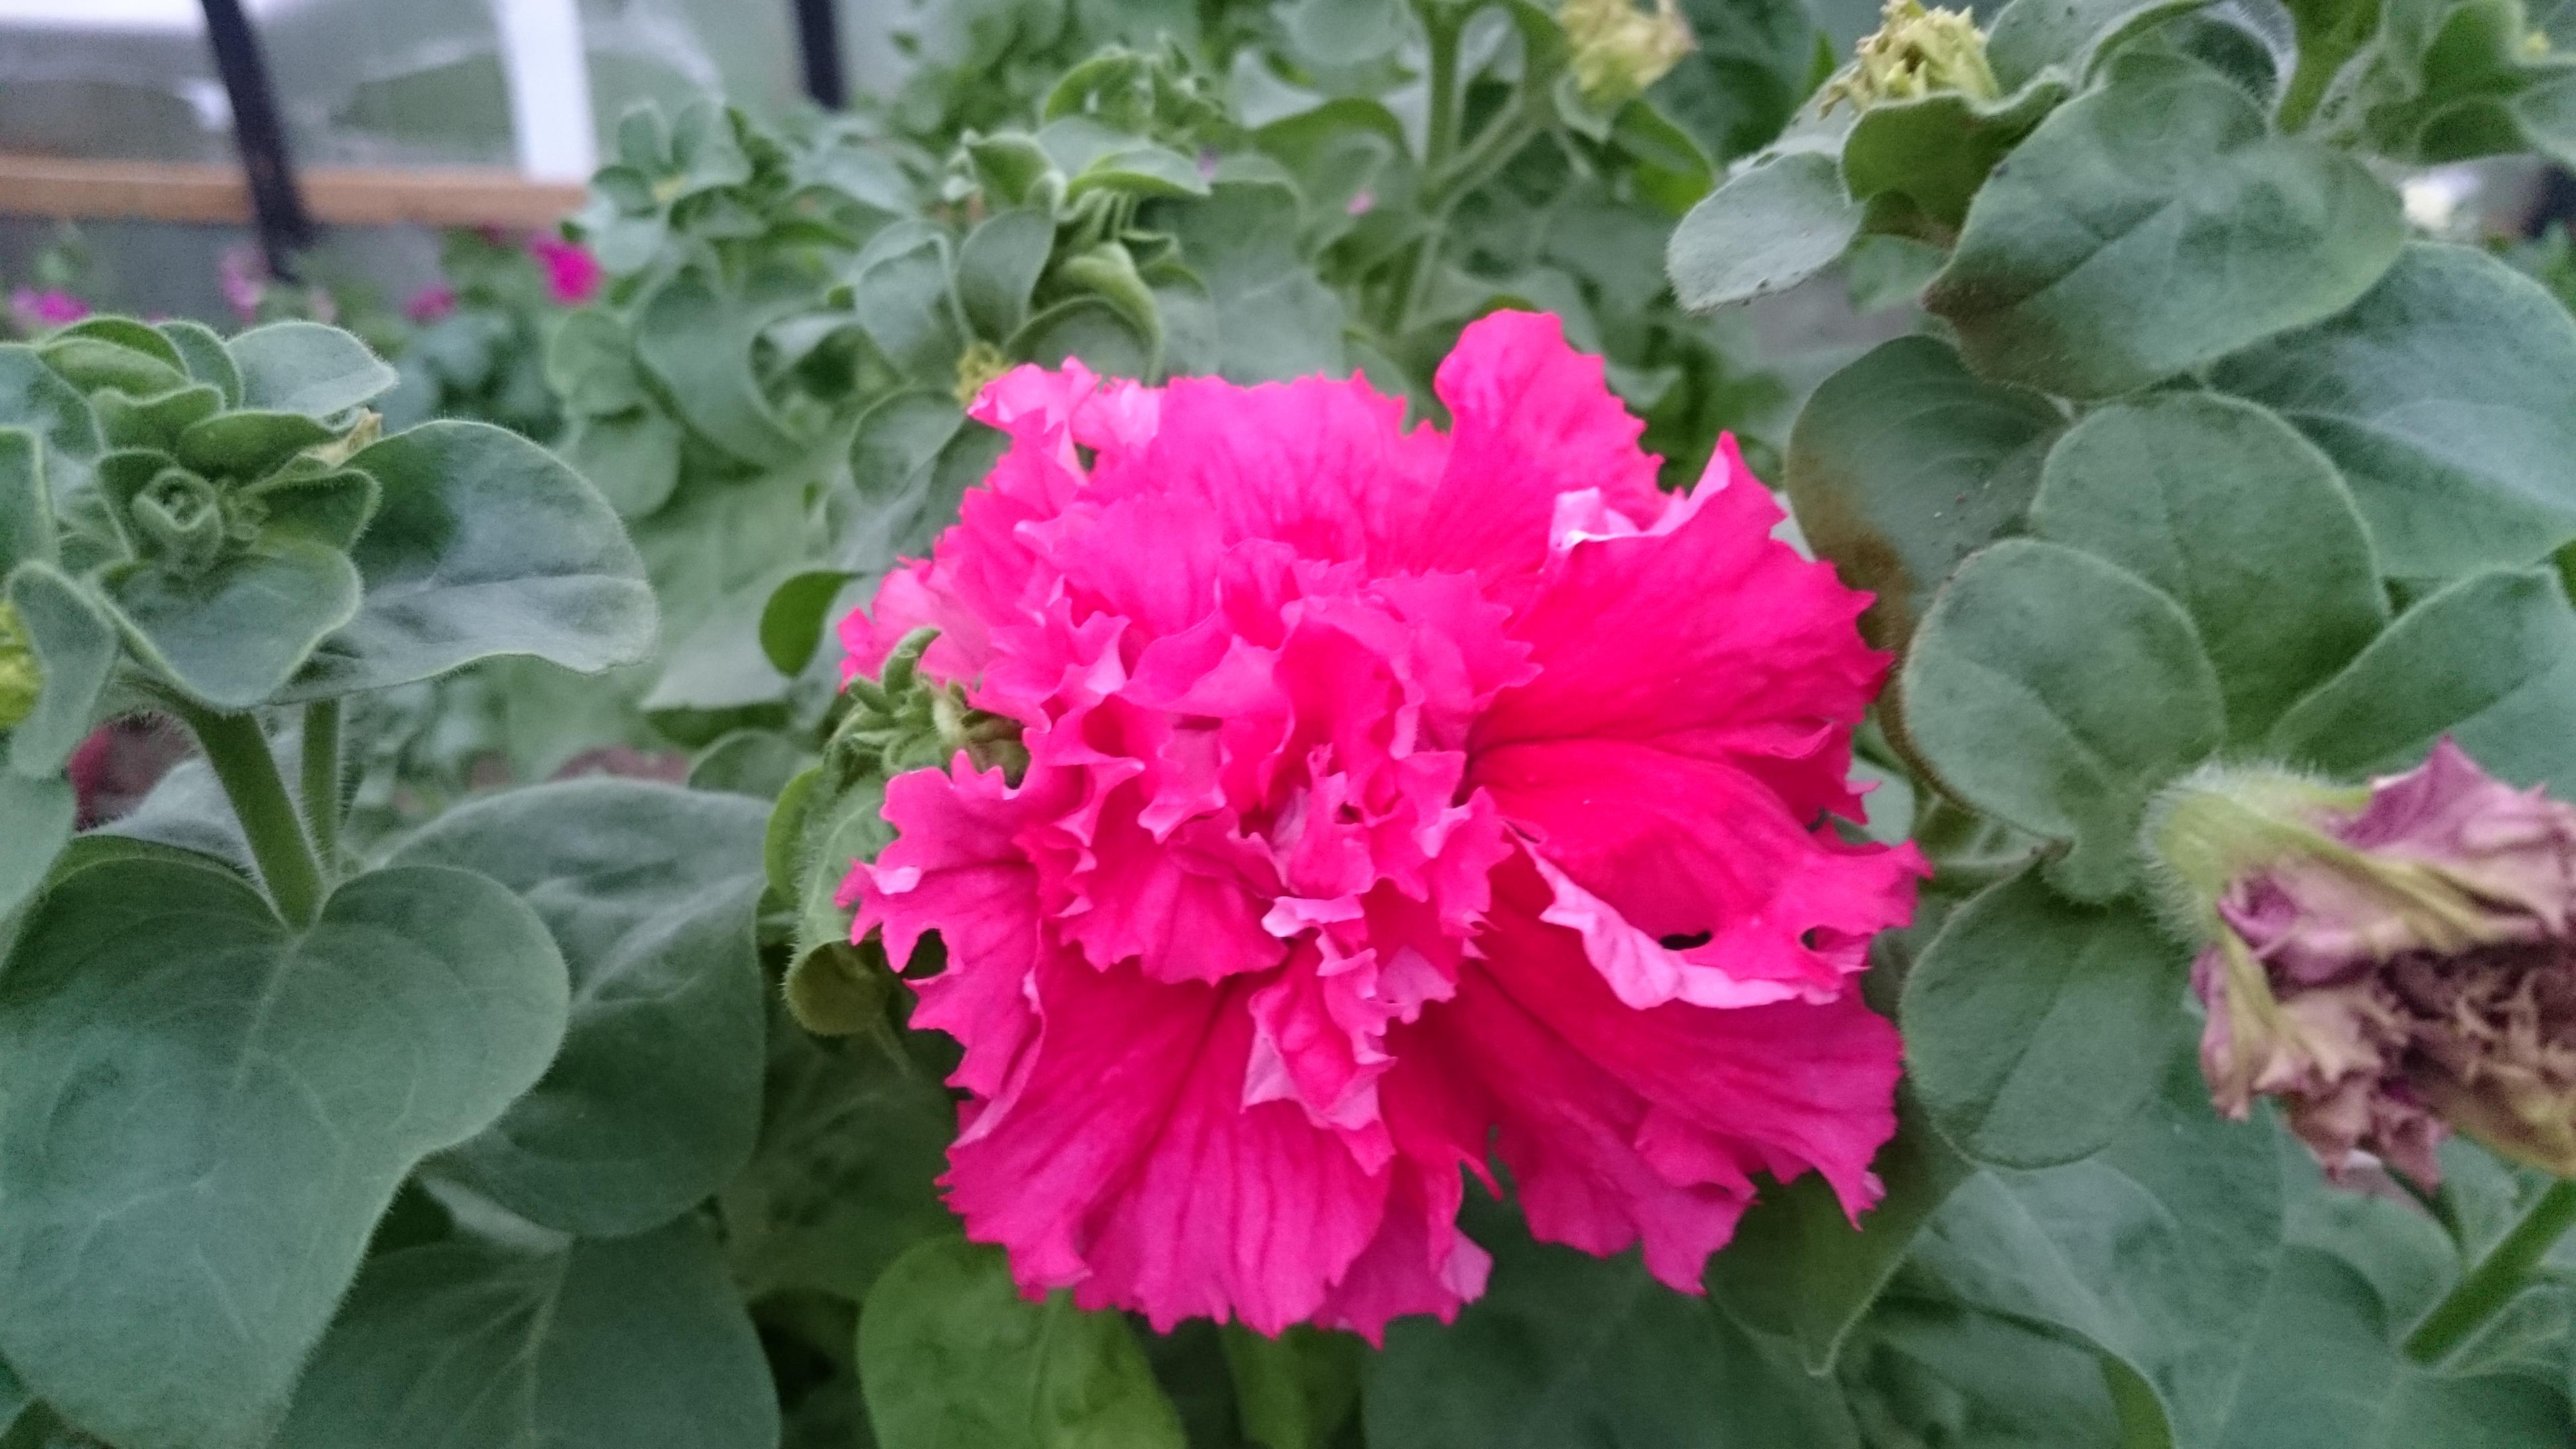 В наличии имеются саженцы Петунии!!! Все фото в галерее с живых цветов!!